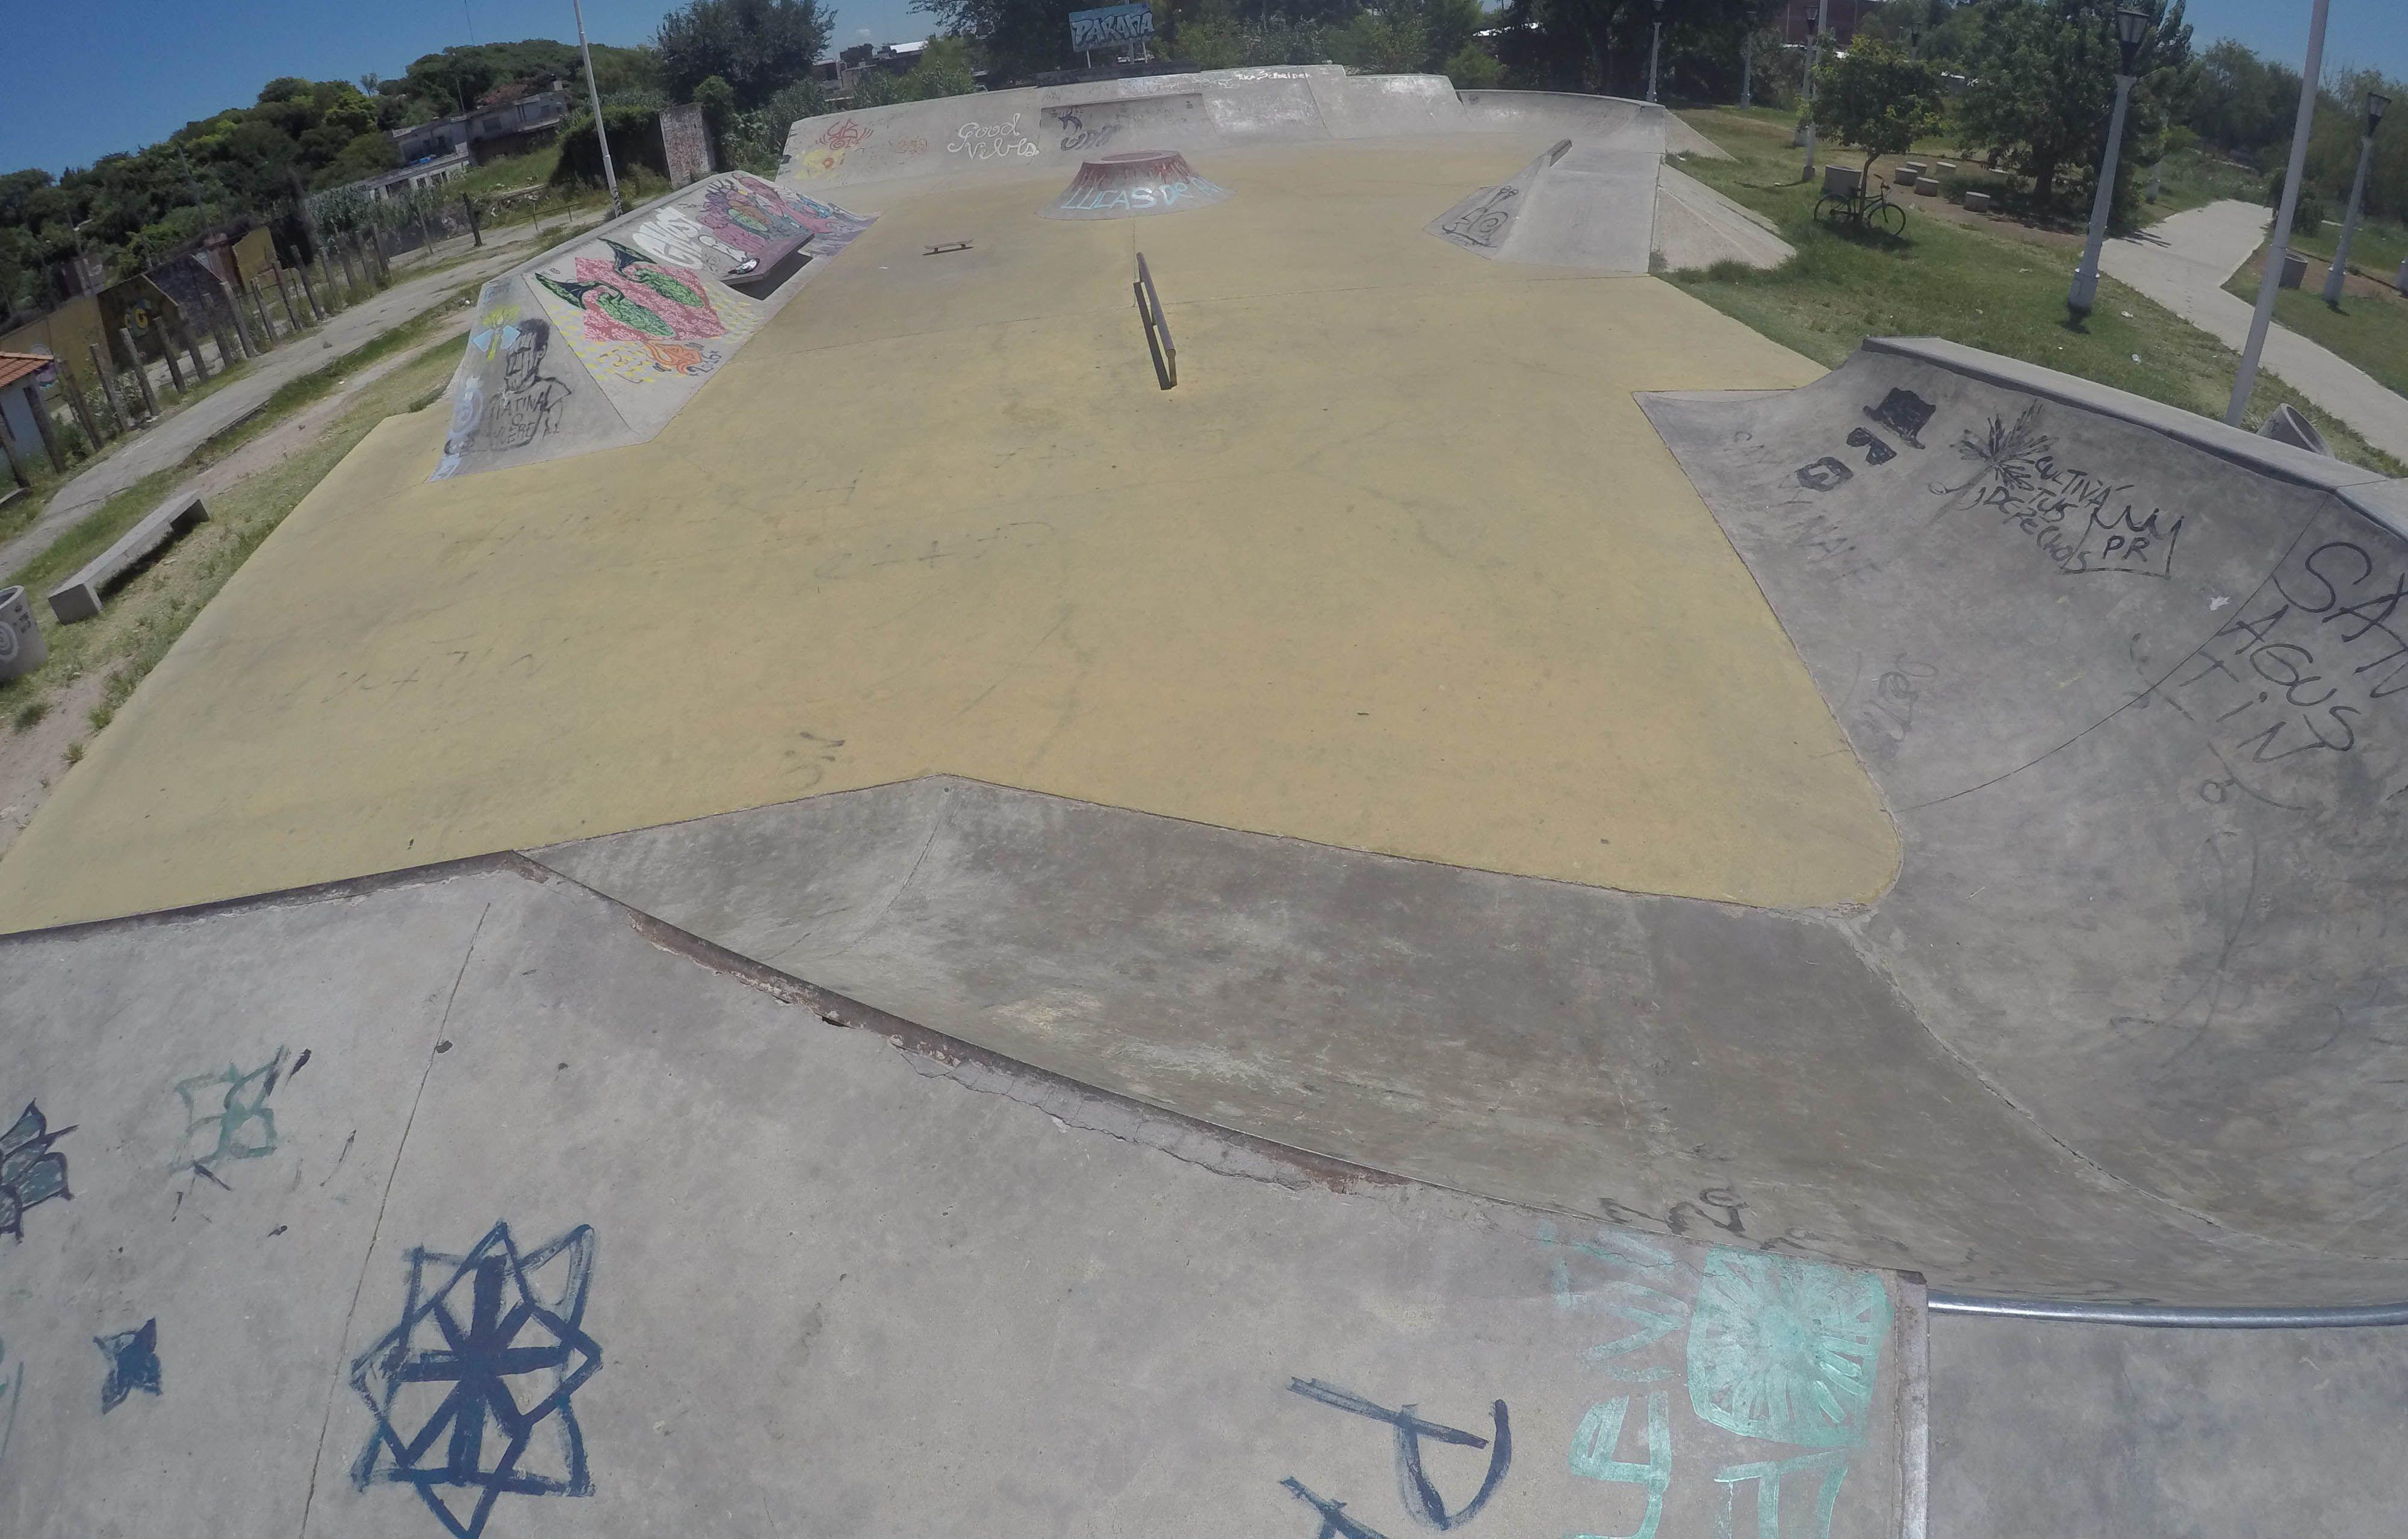 Una recorrida por el skatepark de Paraná y su reciente historia